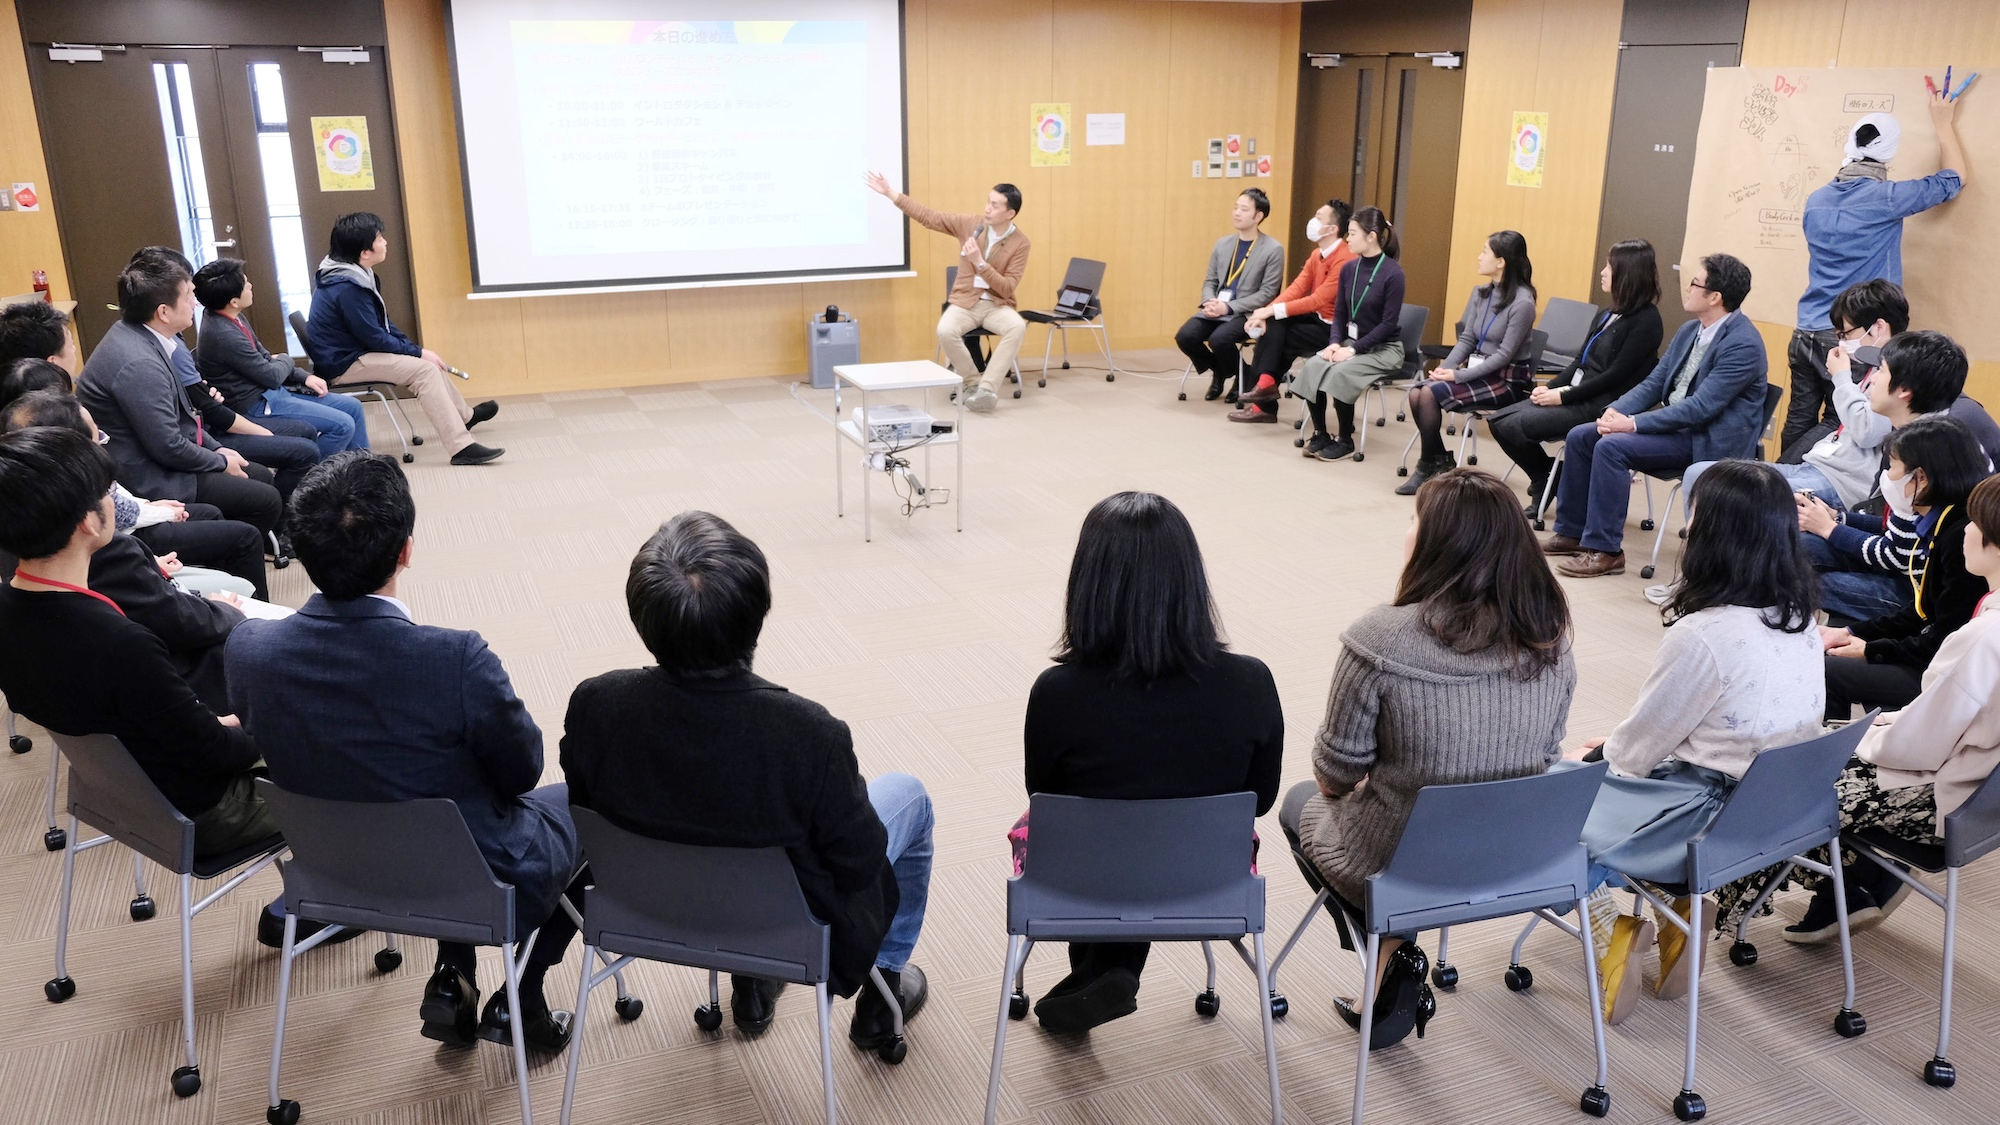 【京都をつなげる30人 1期 Day5】プロジェクトのアイディアを具体化する。いよいよプロトタイピングへ!